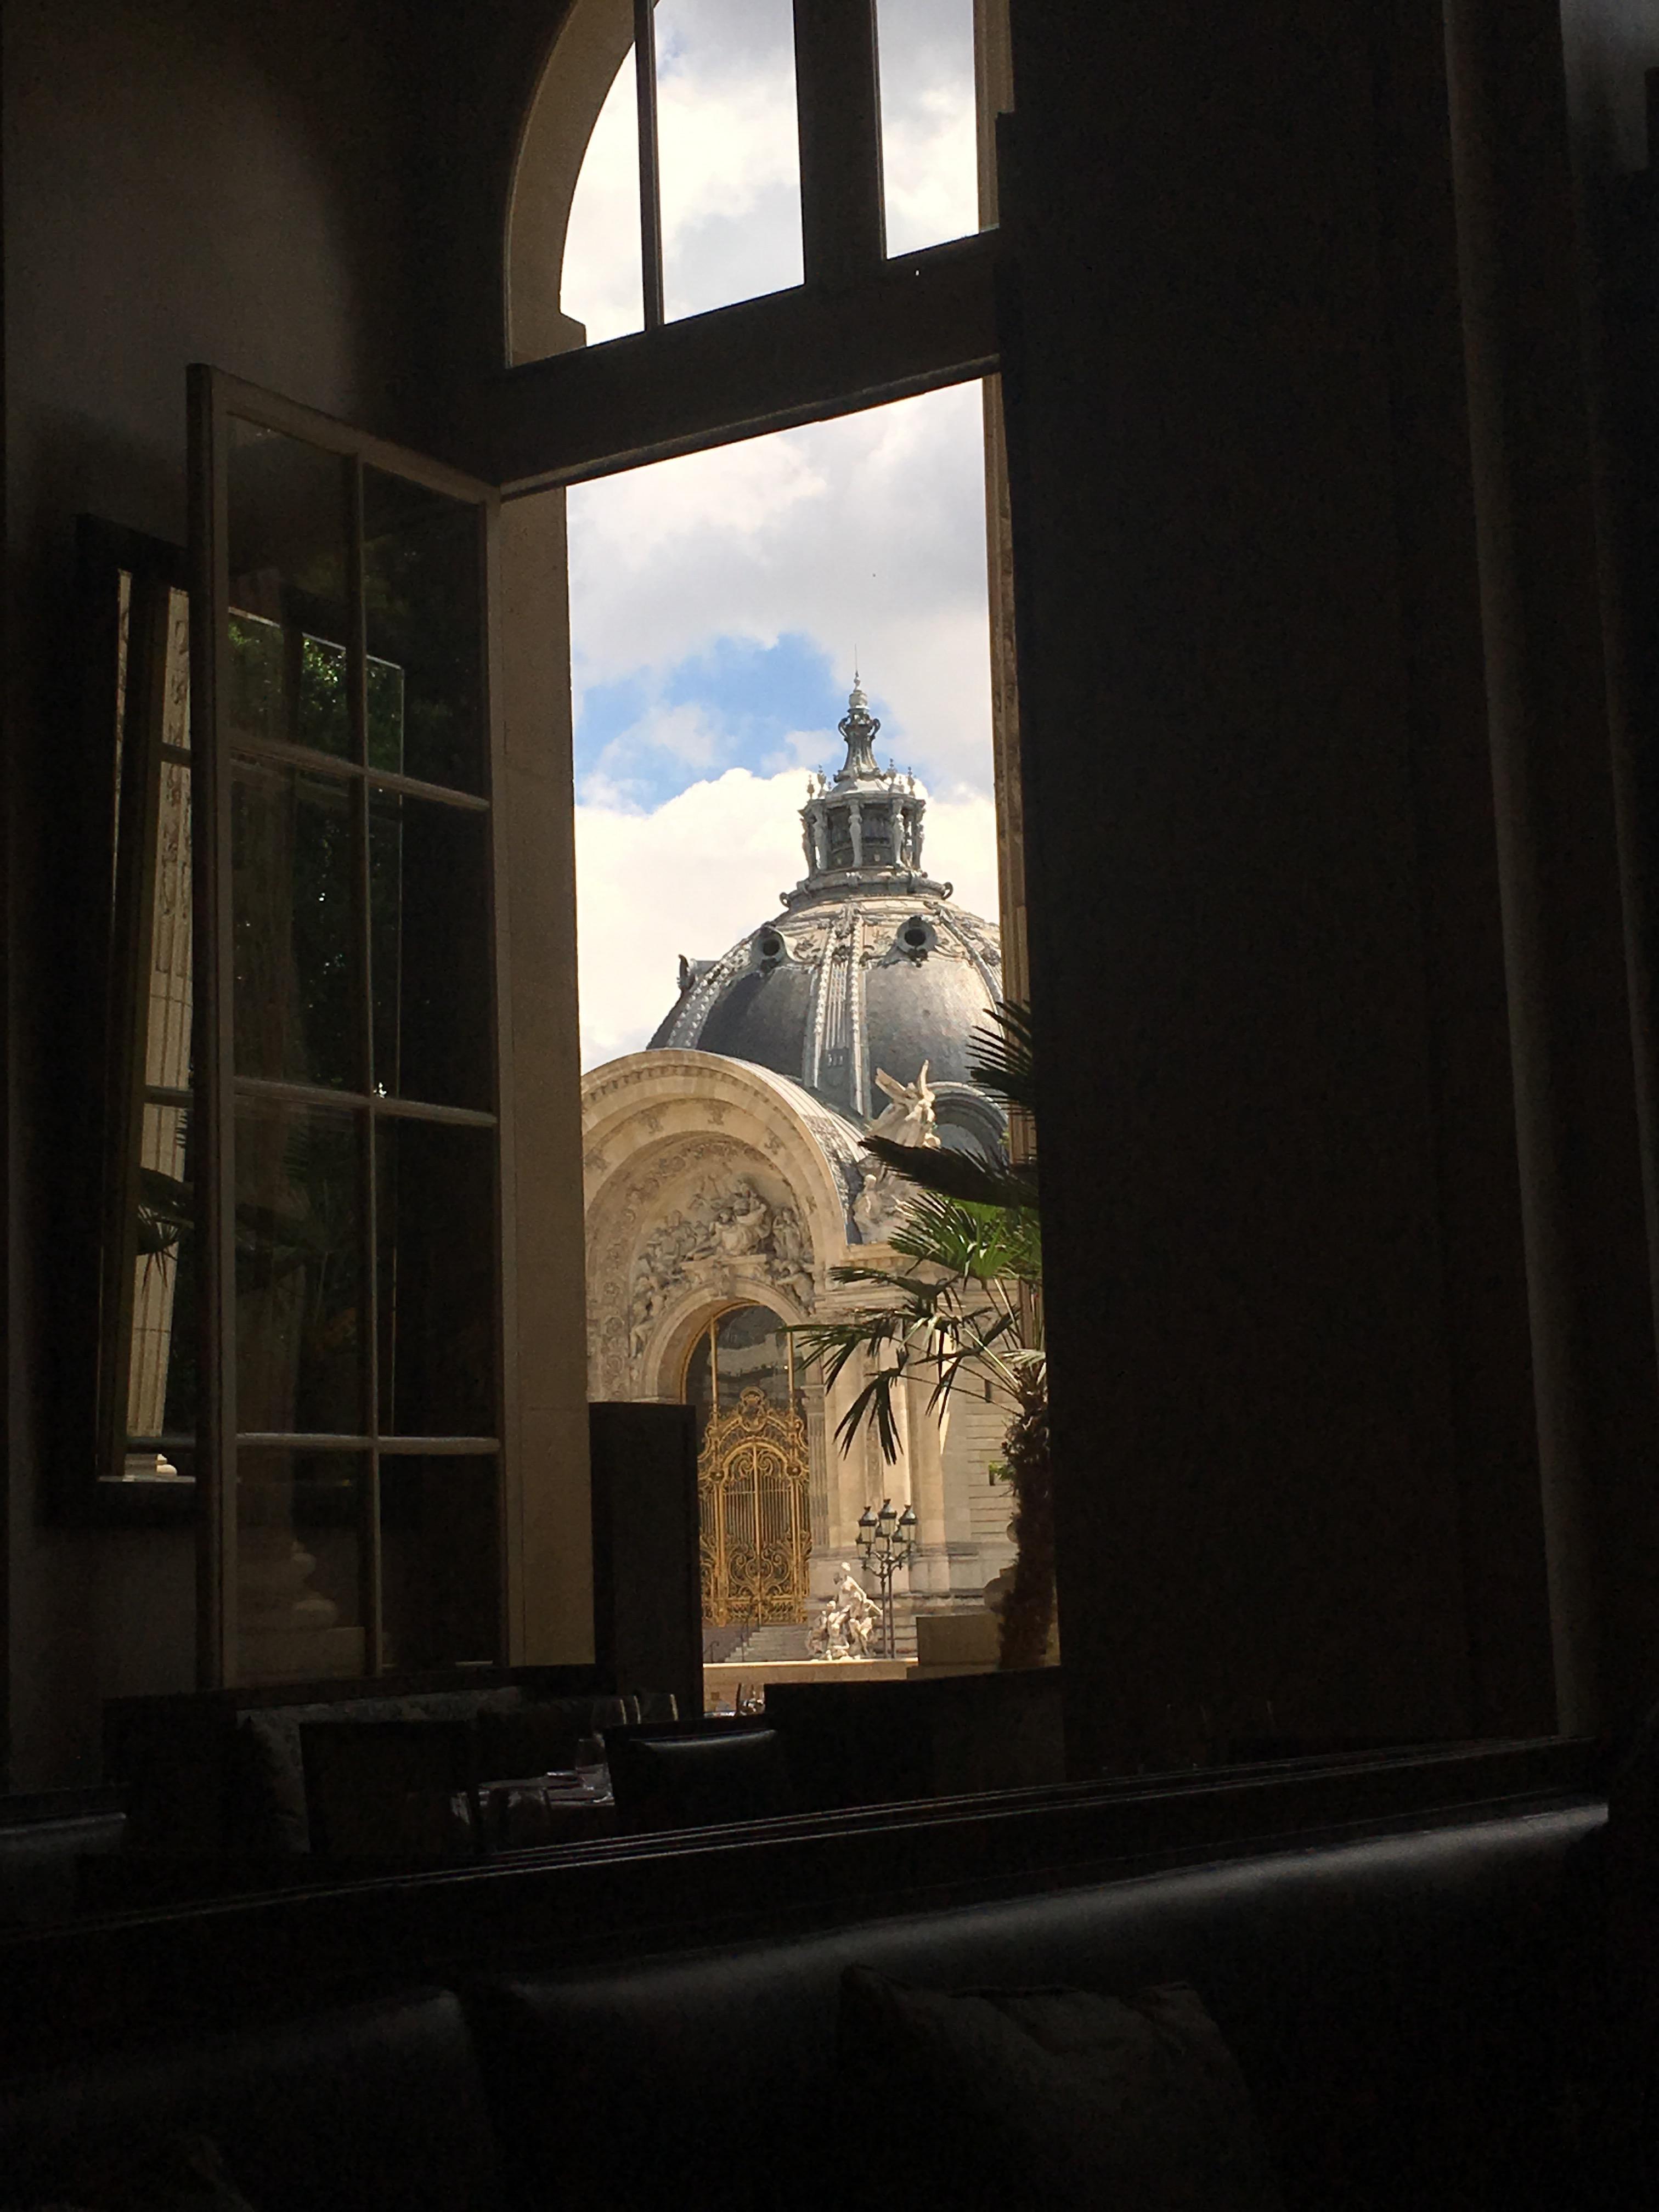 Une expo un resto rodin et mini palais les d lices d 39 ana s for Adresse paris expo